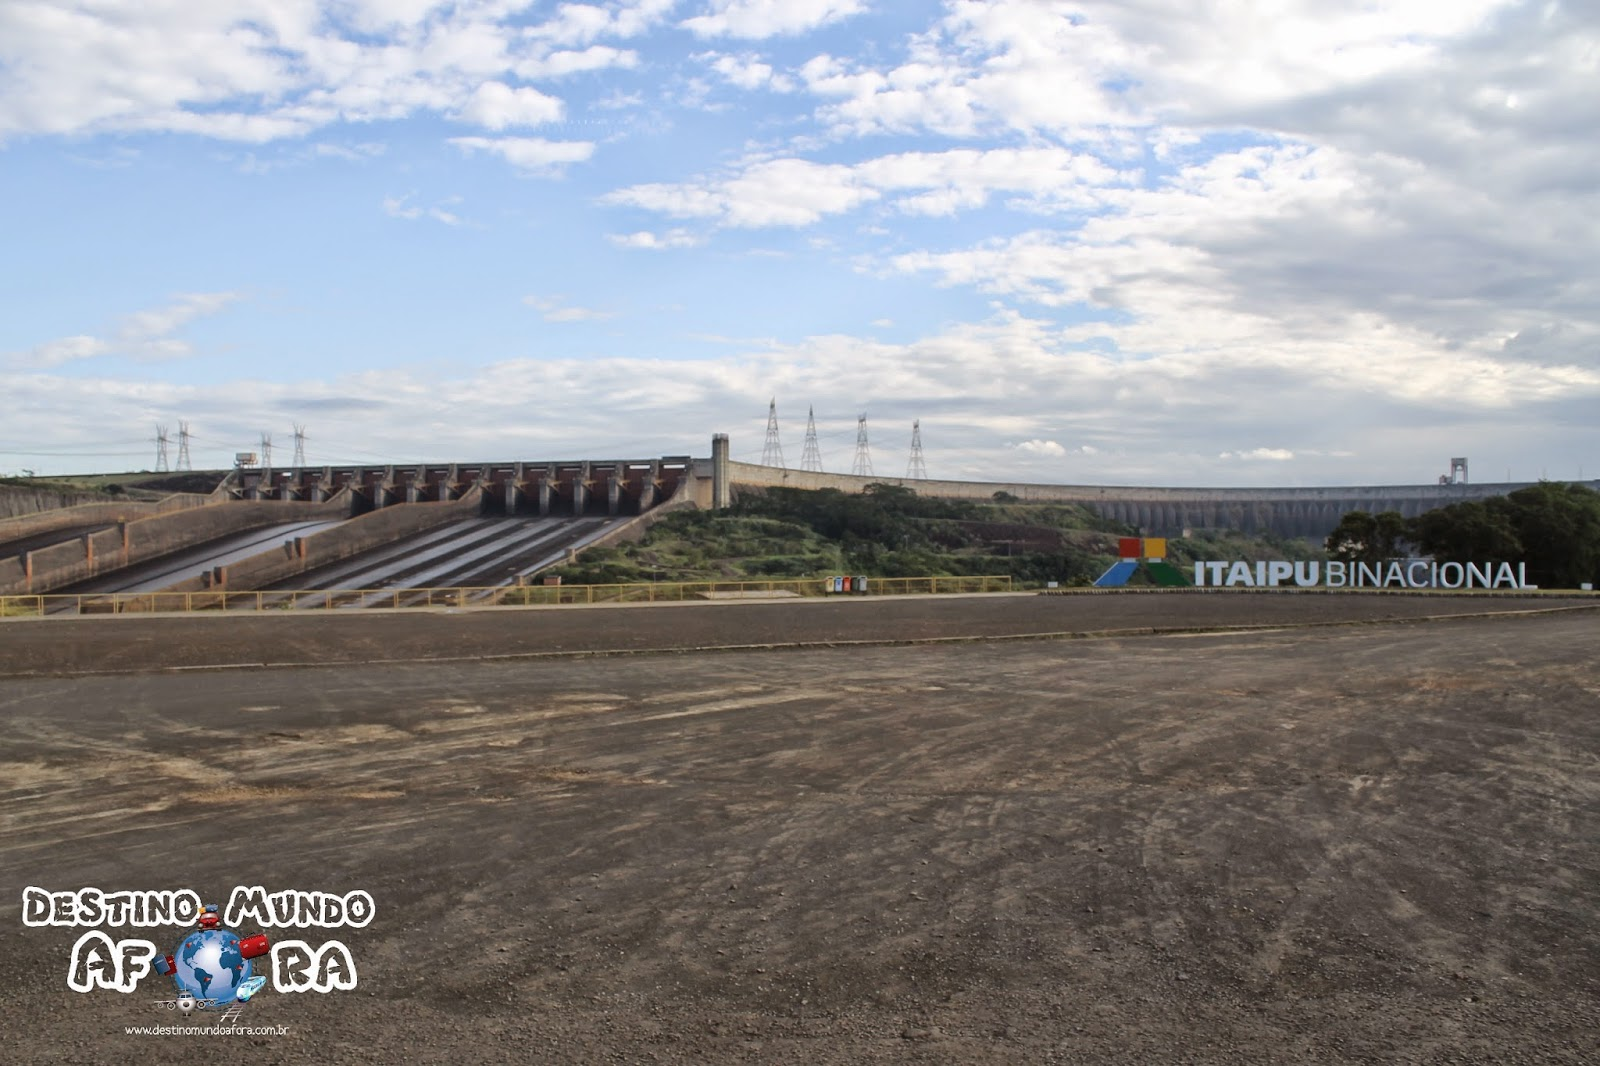 Itaipu Binacional: uma das maiores usinas hidrelétricas do mundo